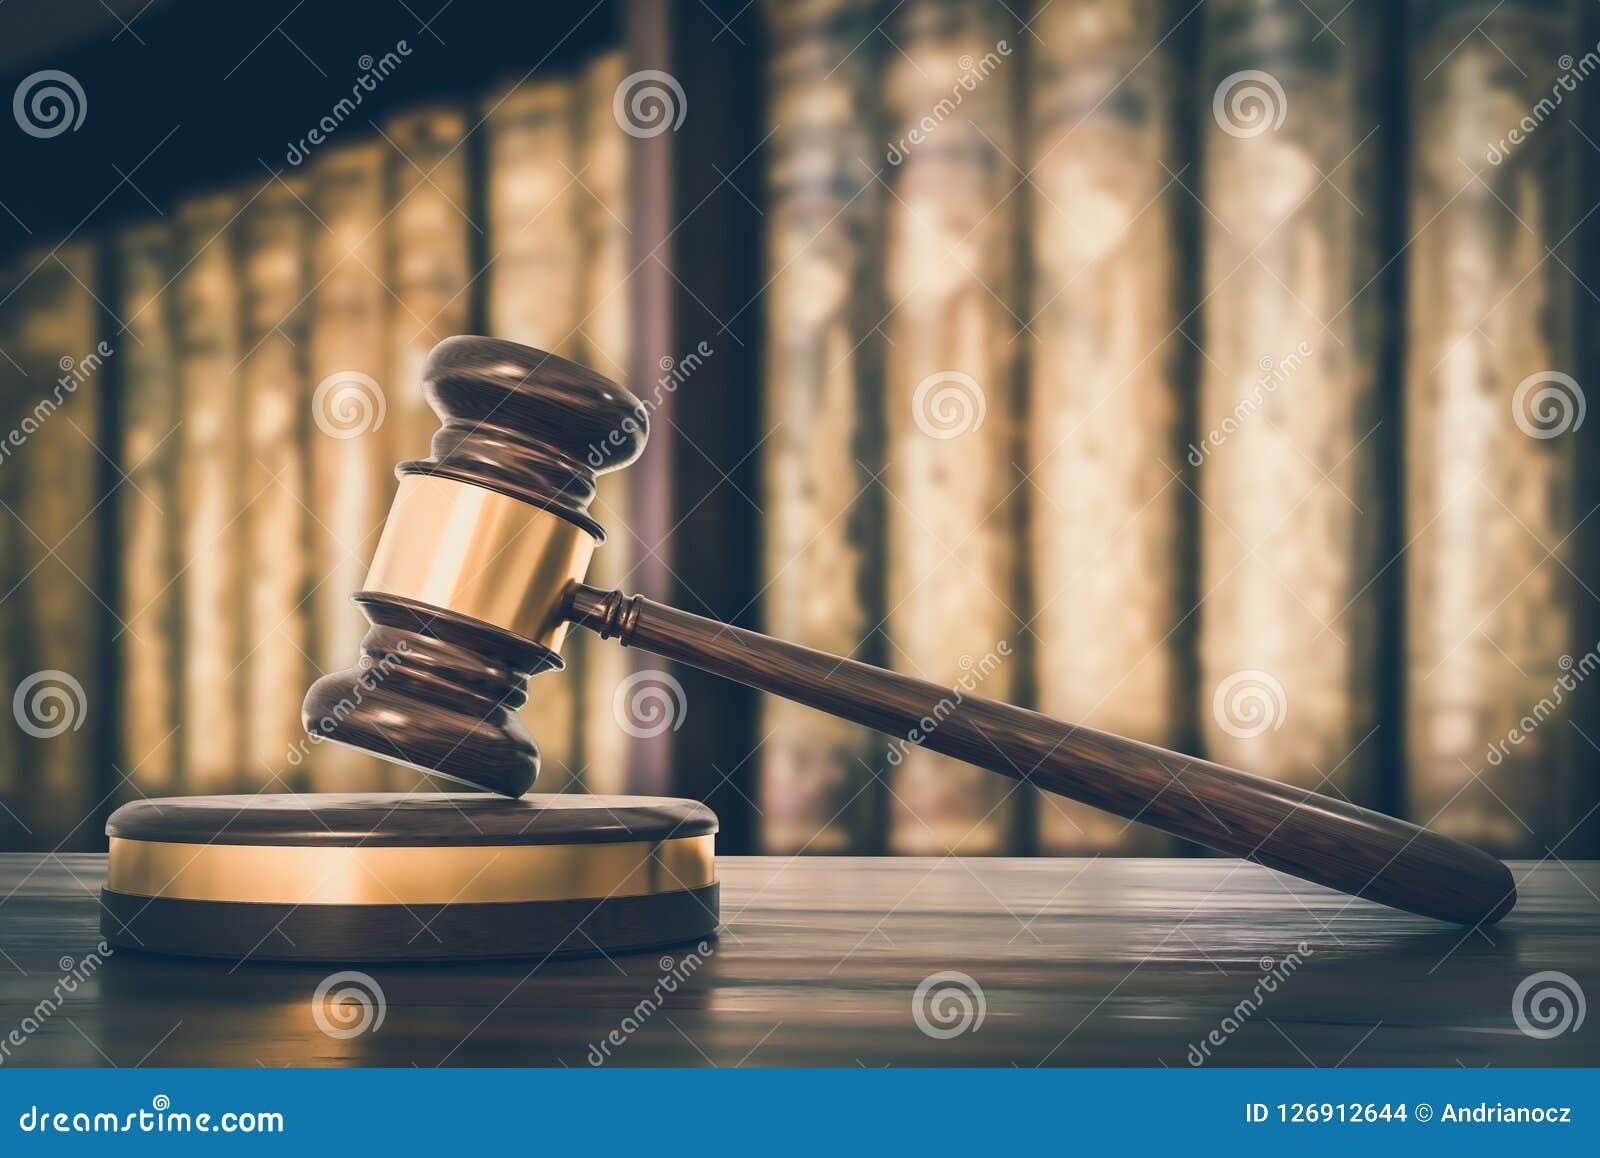 Drewniany młoteczek i prawo książki w prawnika biurze - retro styl